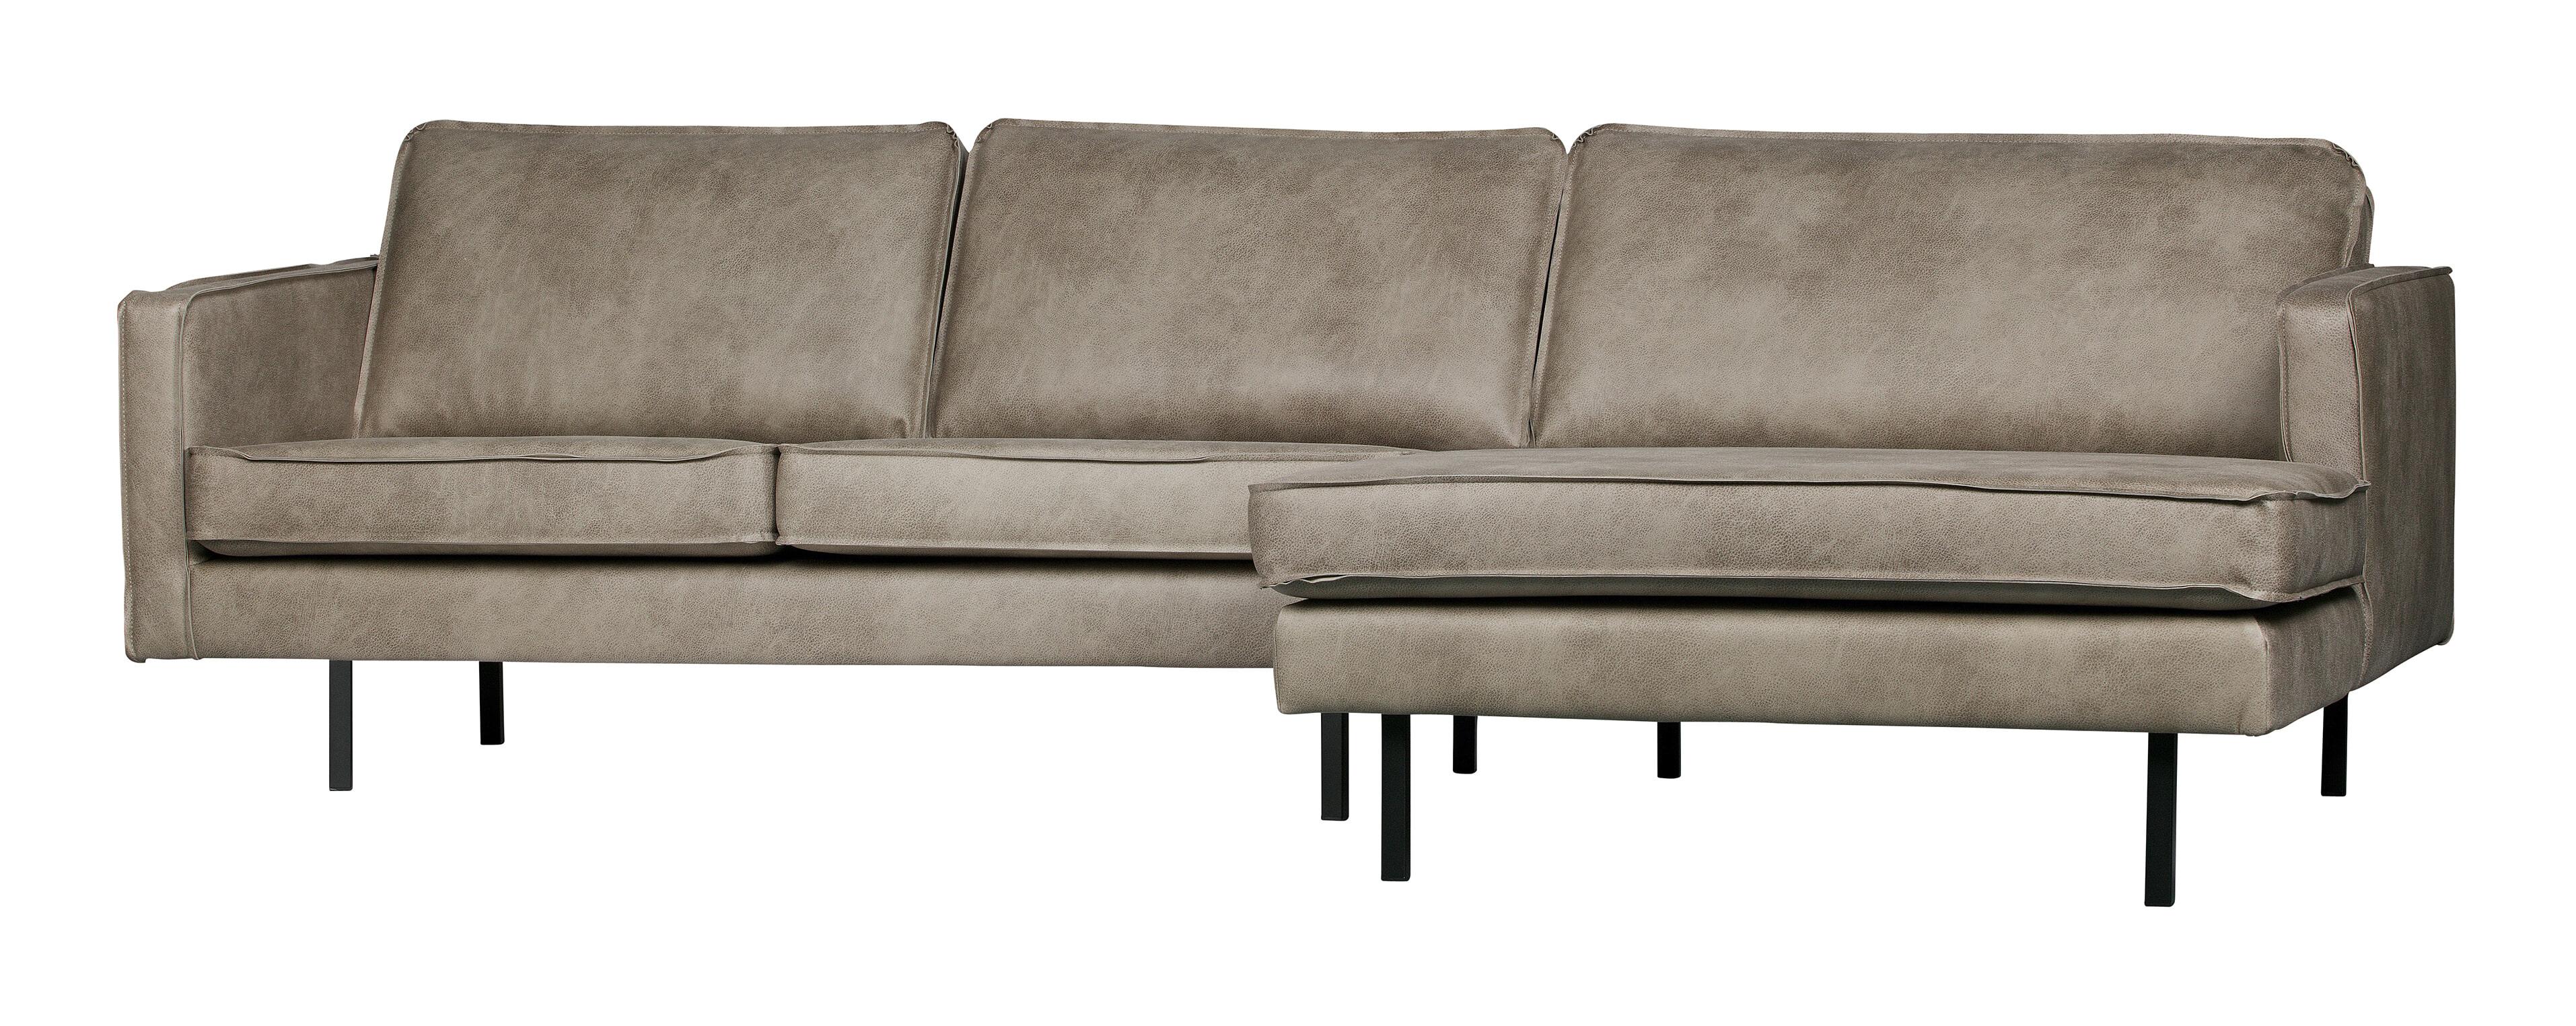 BePureHome Loungebank 'Rodeo' Rechts, kleur Elephant skin 50% Nylon / 50% Pu aanschaffen? Kijk hier!